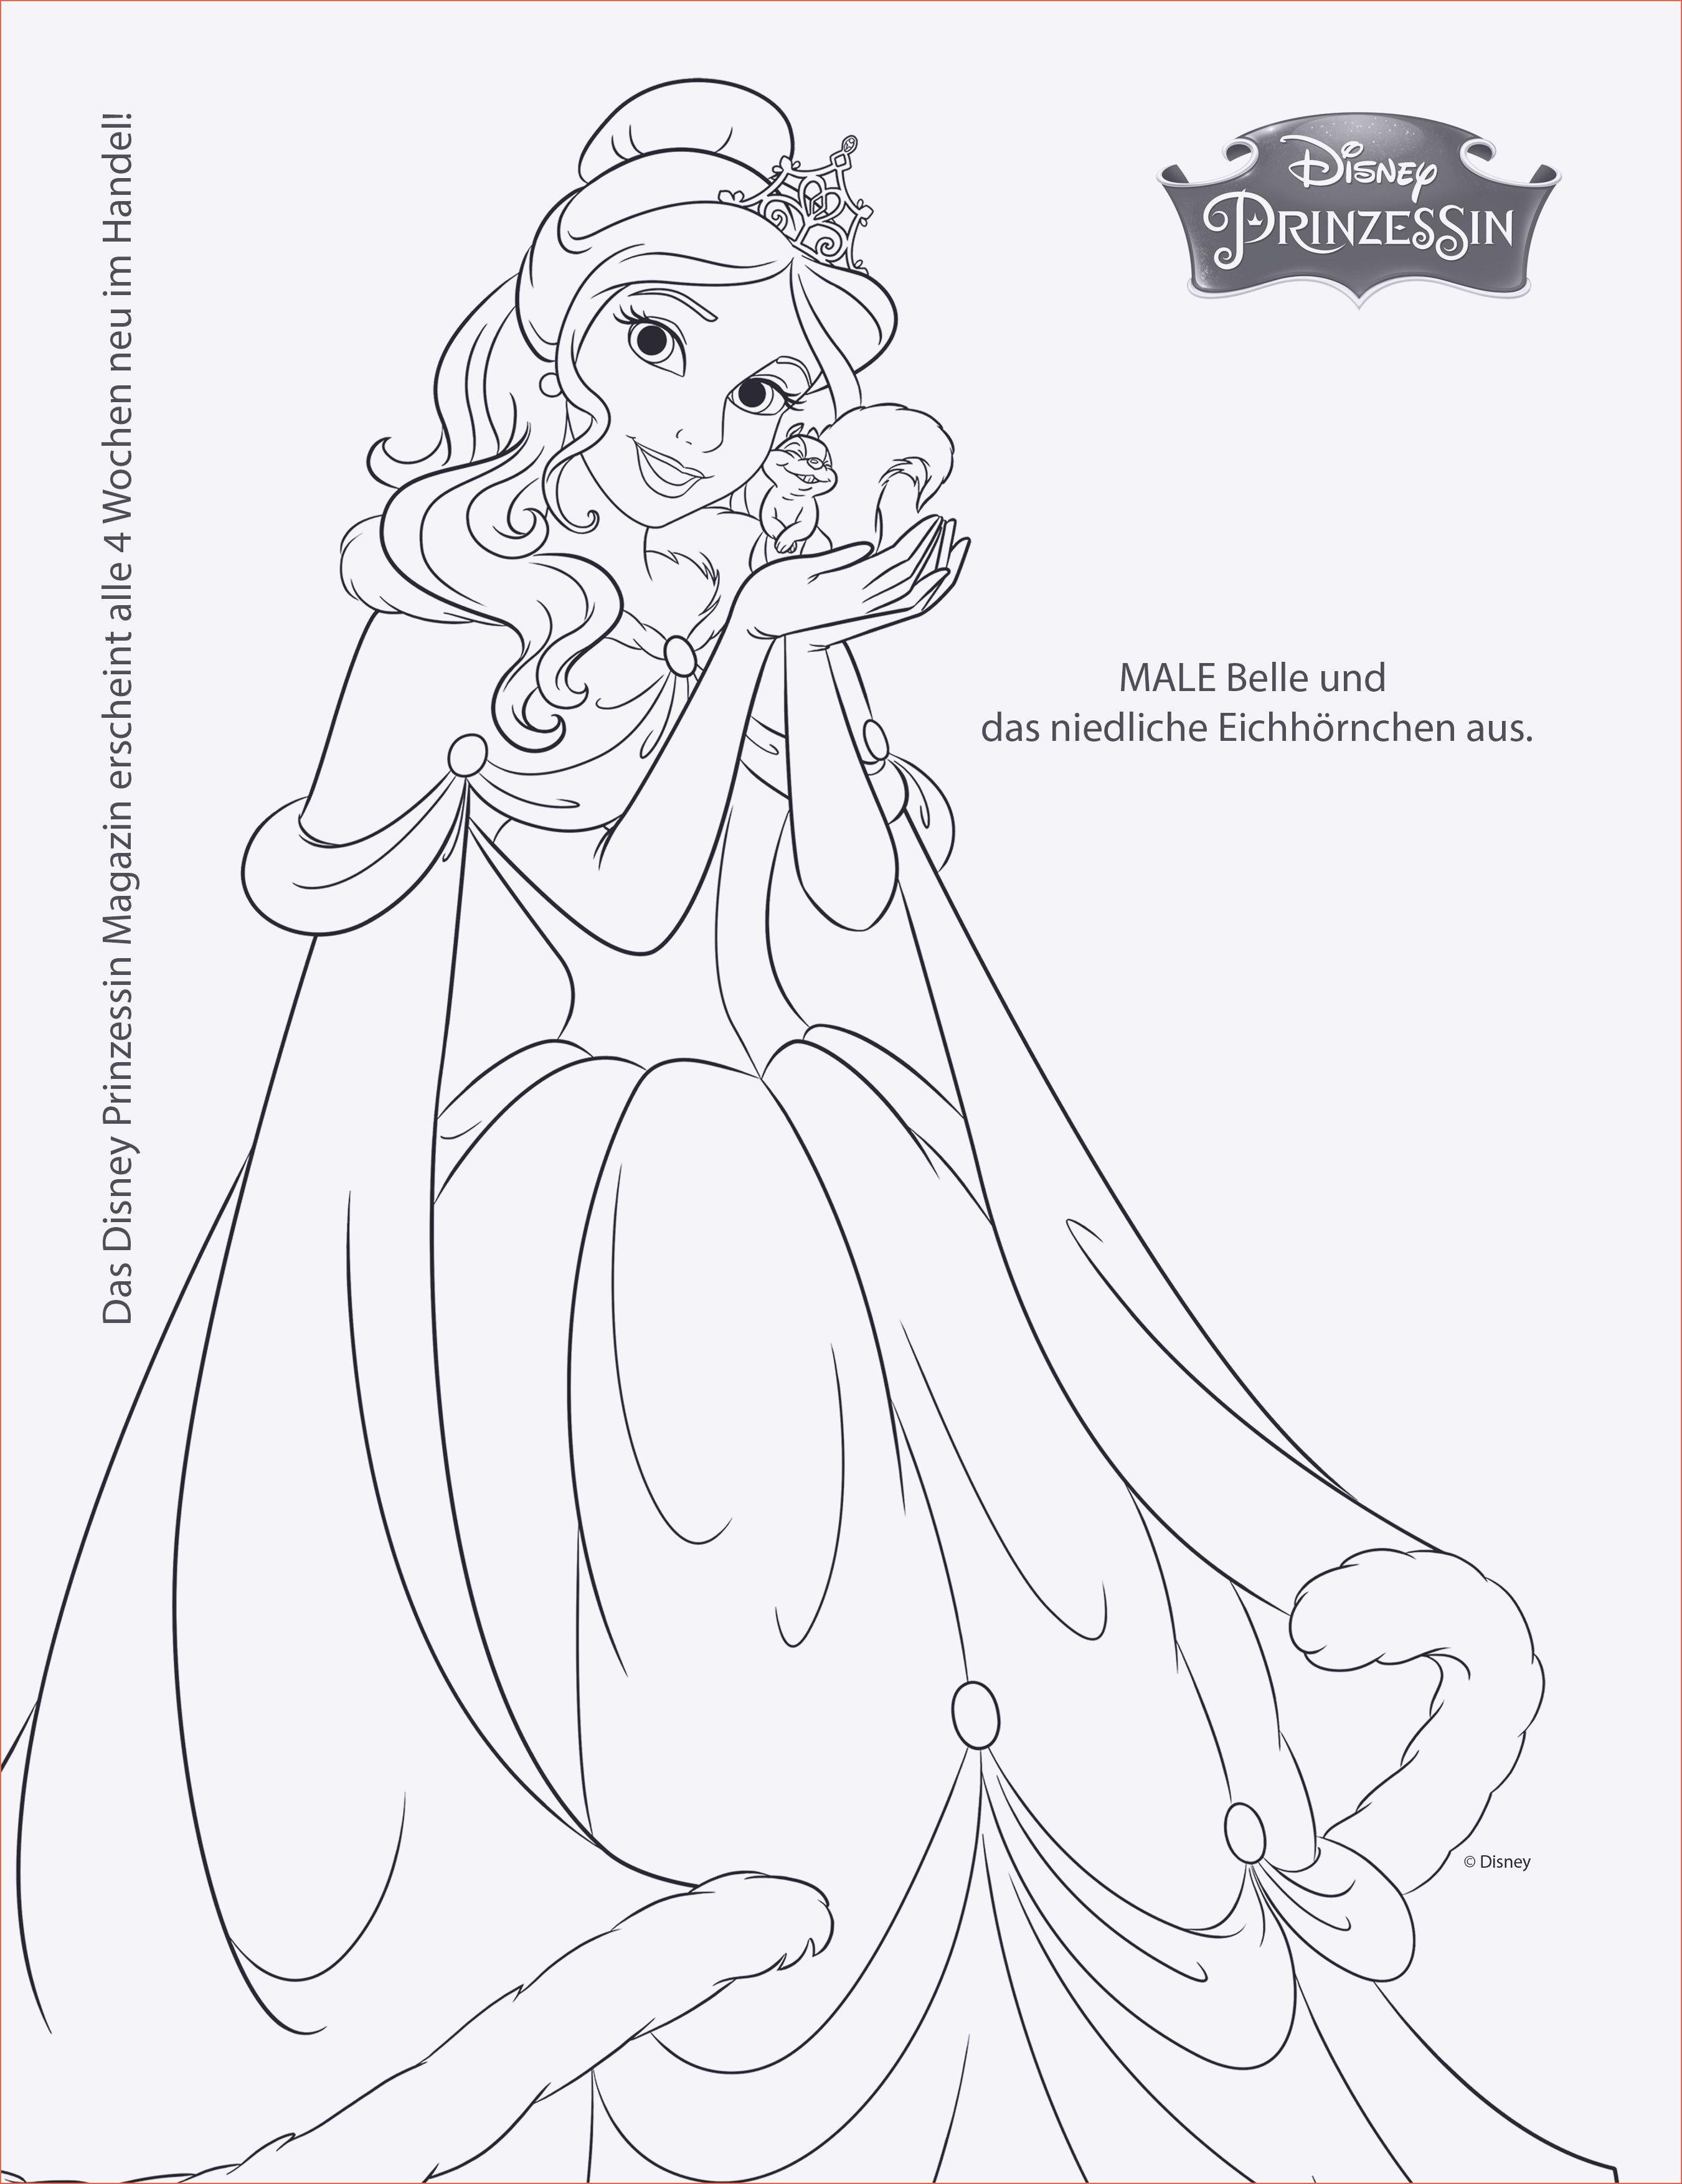 Ausmalbilder Disney Kostenlos Ausdrucken Frisch Bilder Zum Ausmalen Und Ausdrucken Disney 8 Baby Disney Fotos